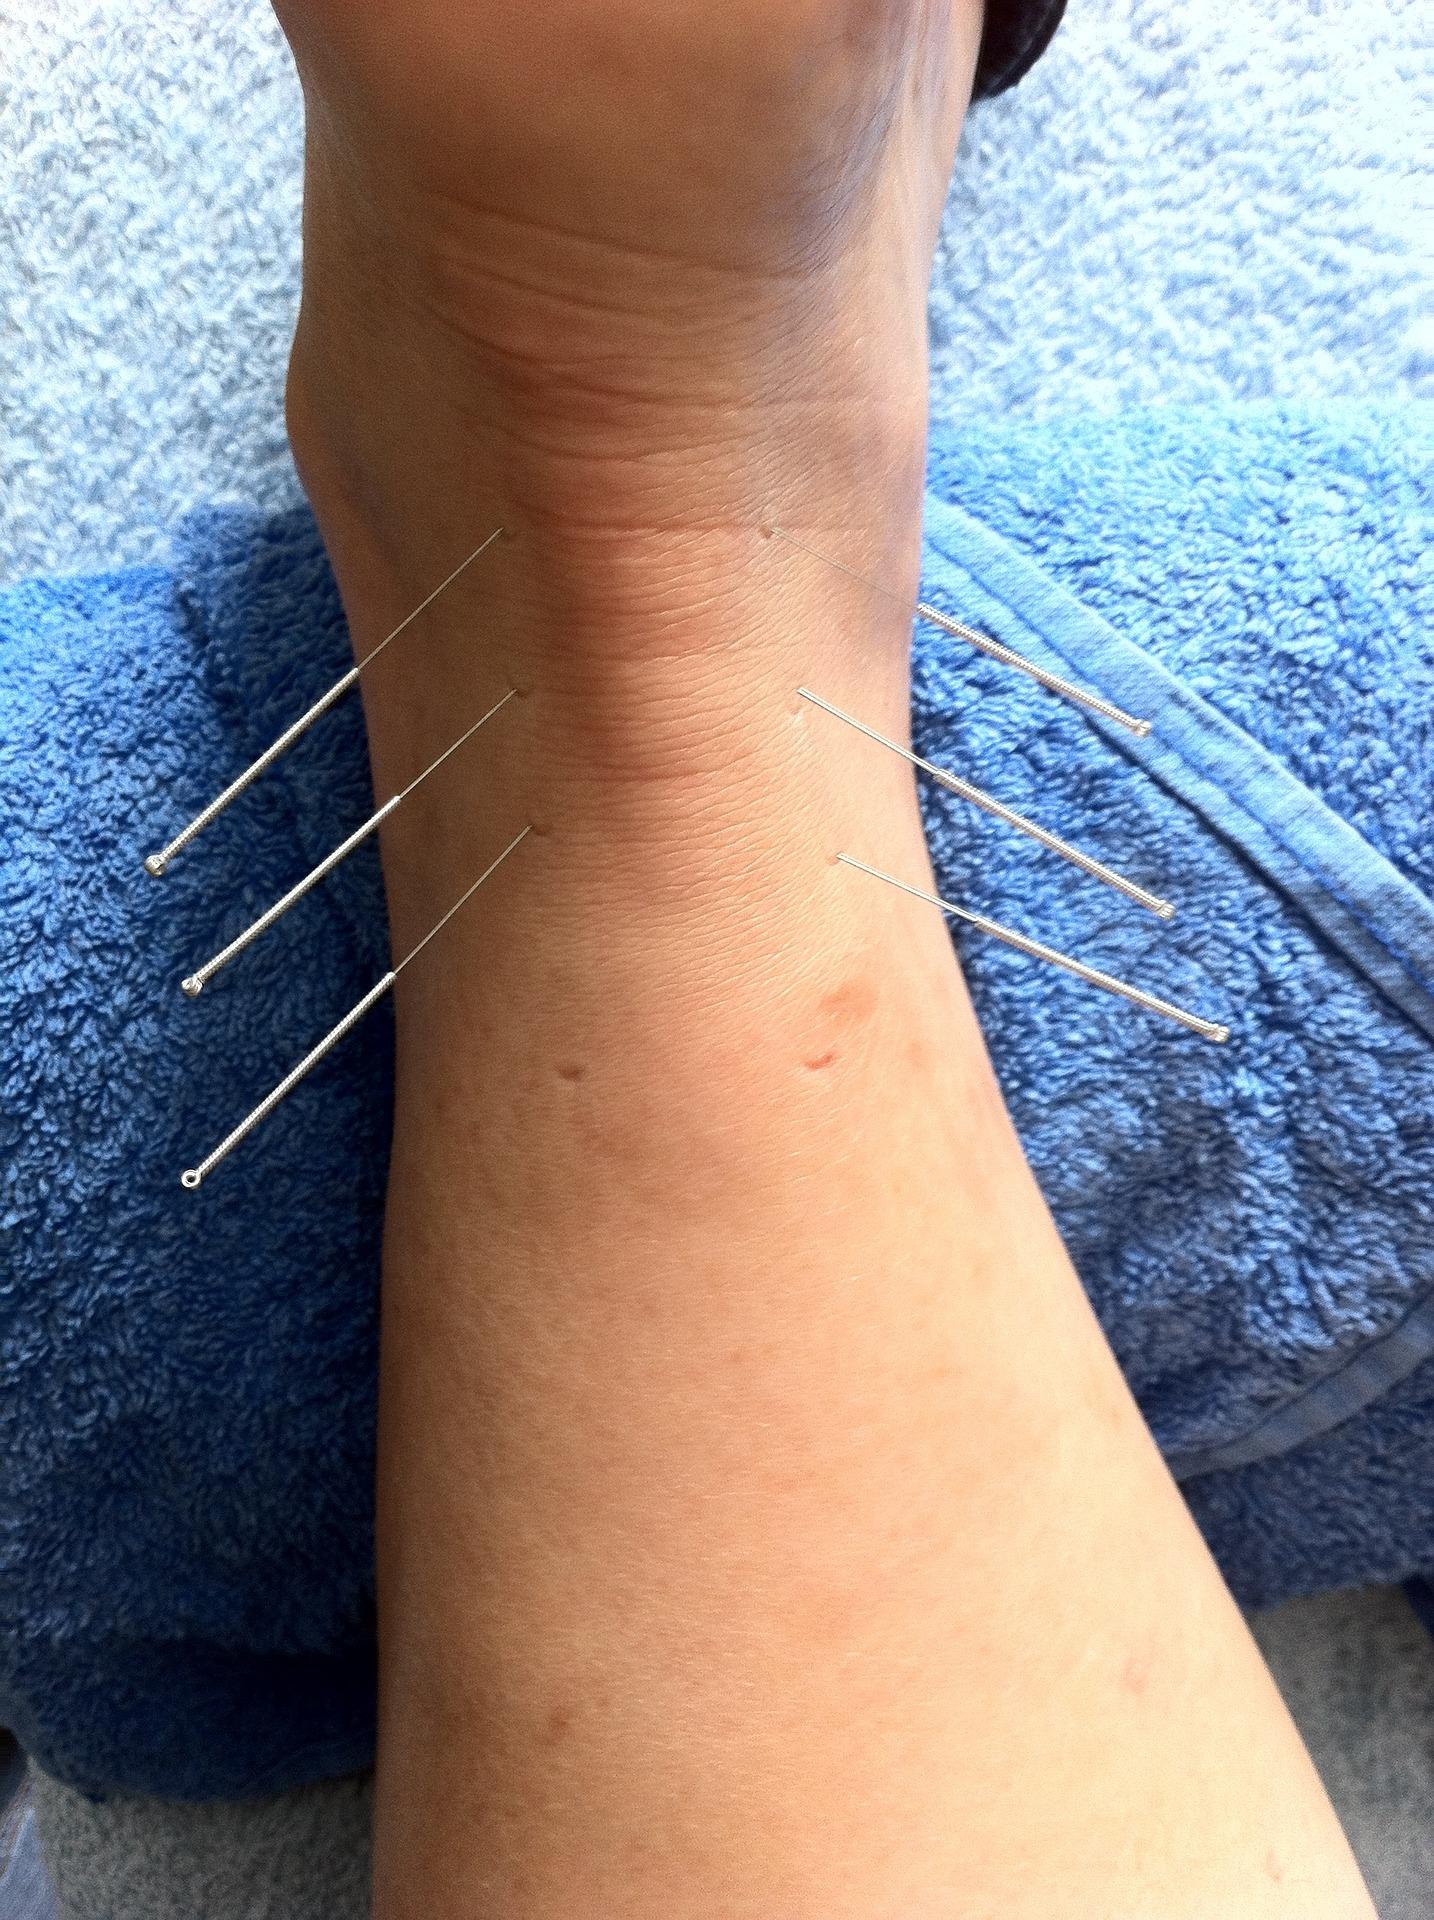 Acupuncteurs